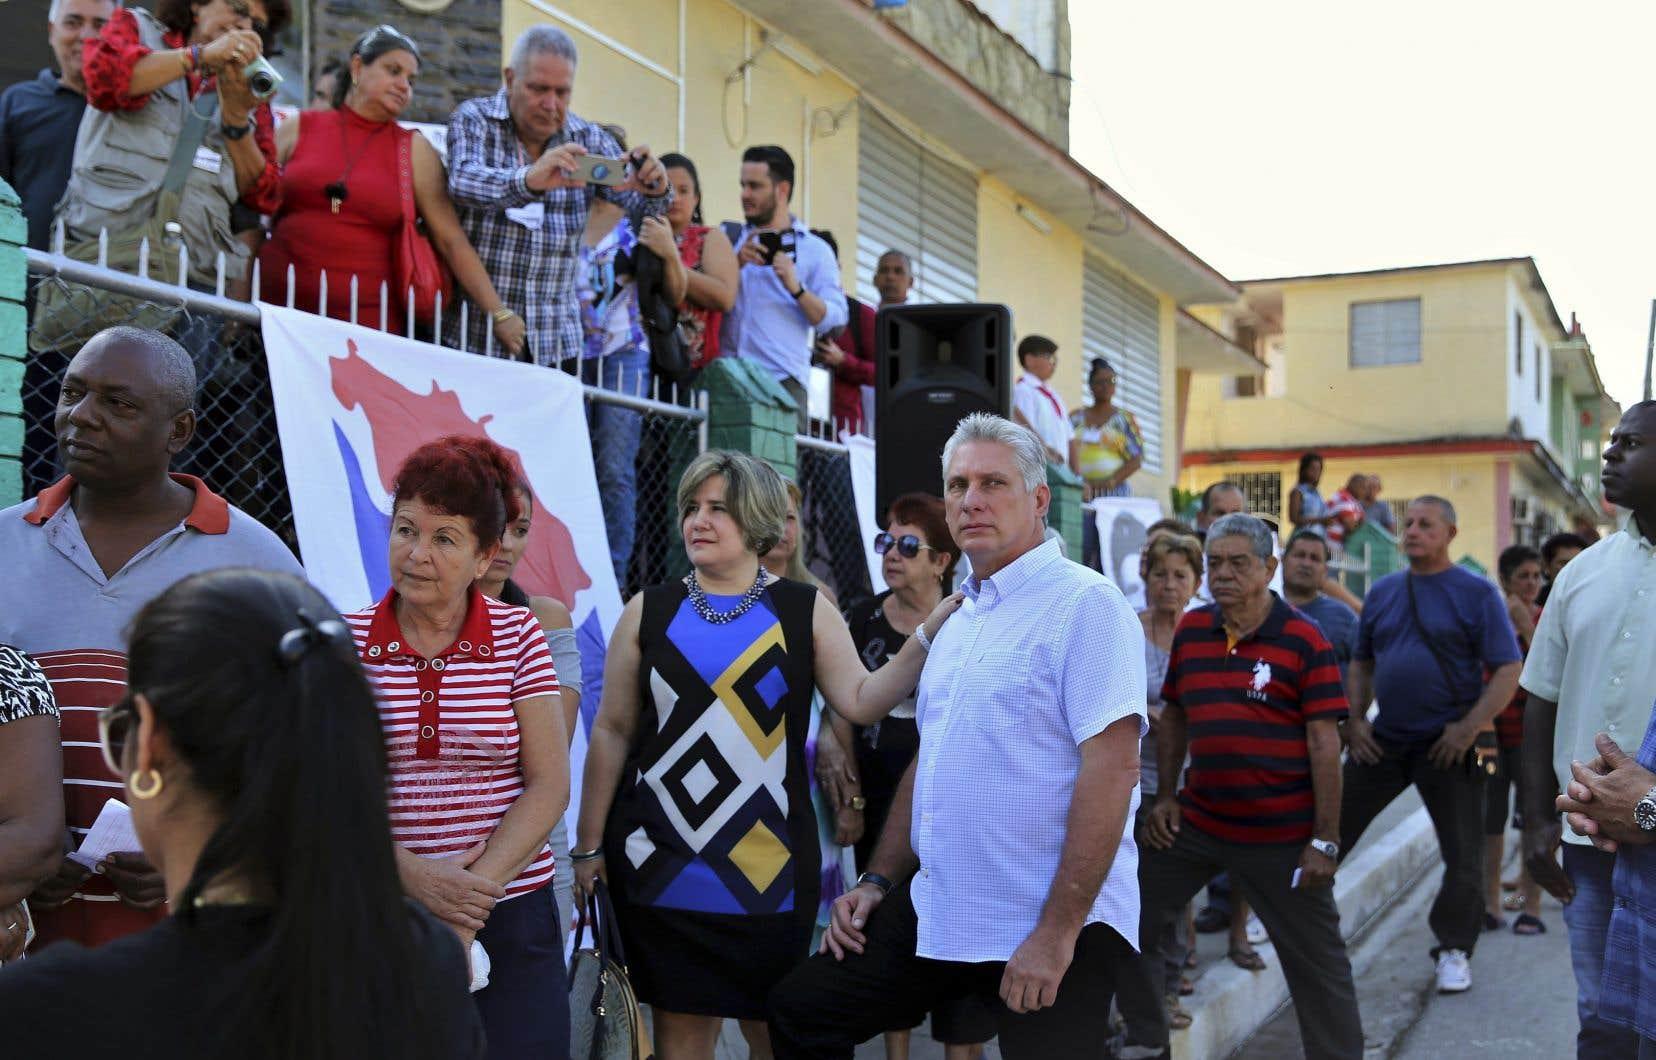 Des Cubains font la file devant un bureau de scrutin à Santa Clara, dimanche. Parmi eux se trouvele premier vice-président et numéro deux du gouvernement, Miguel Diaz-Canel, 57ans (en bleu pâle).